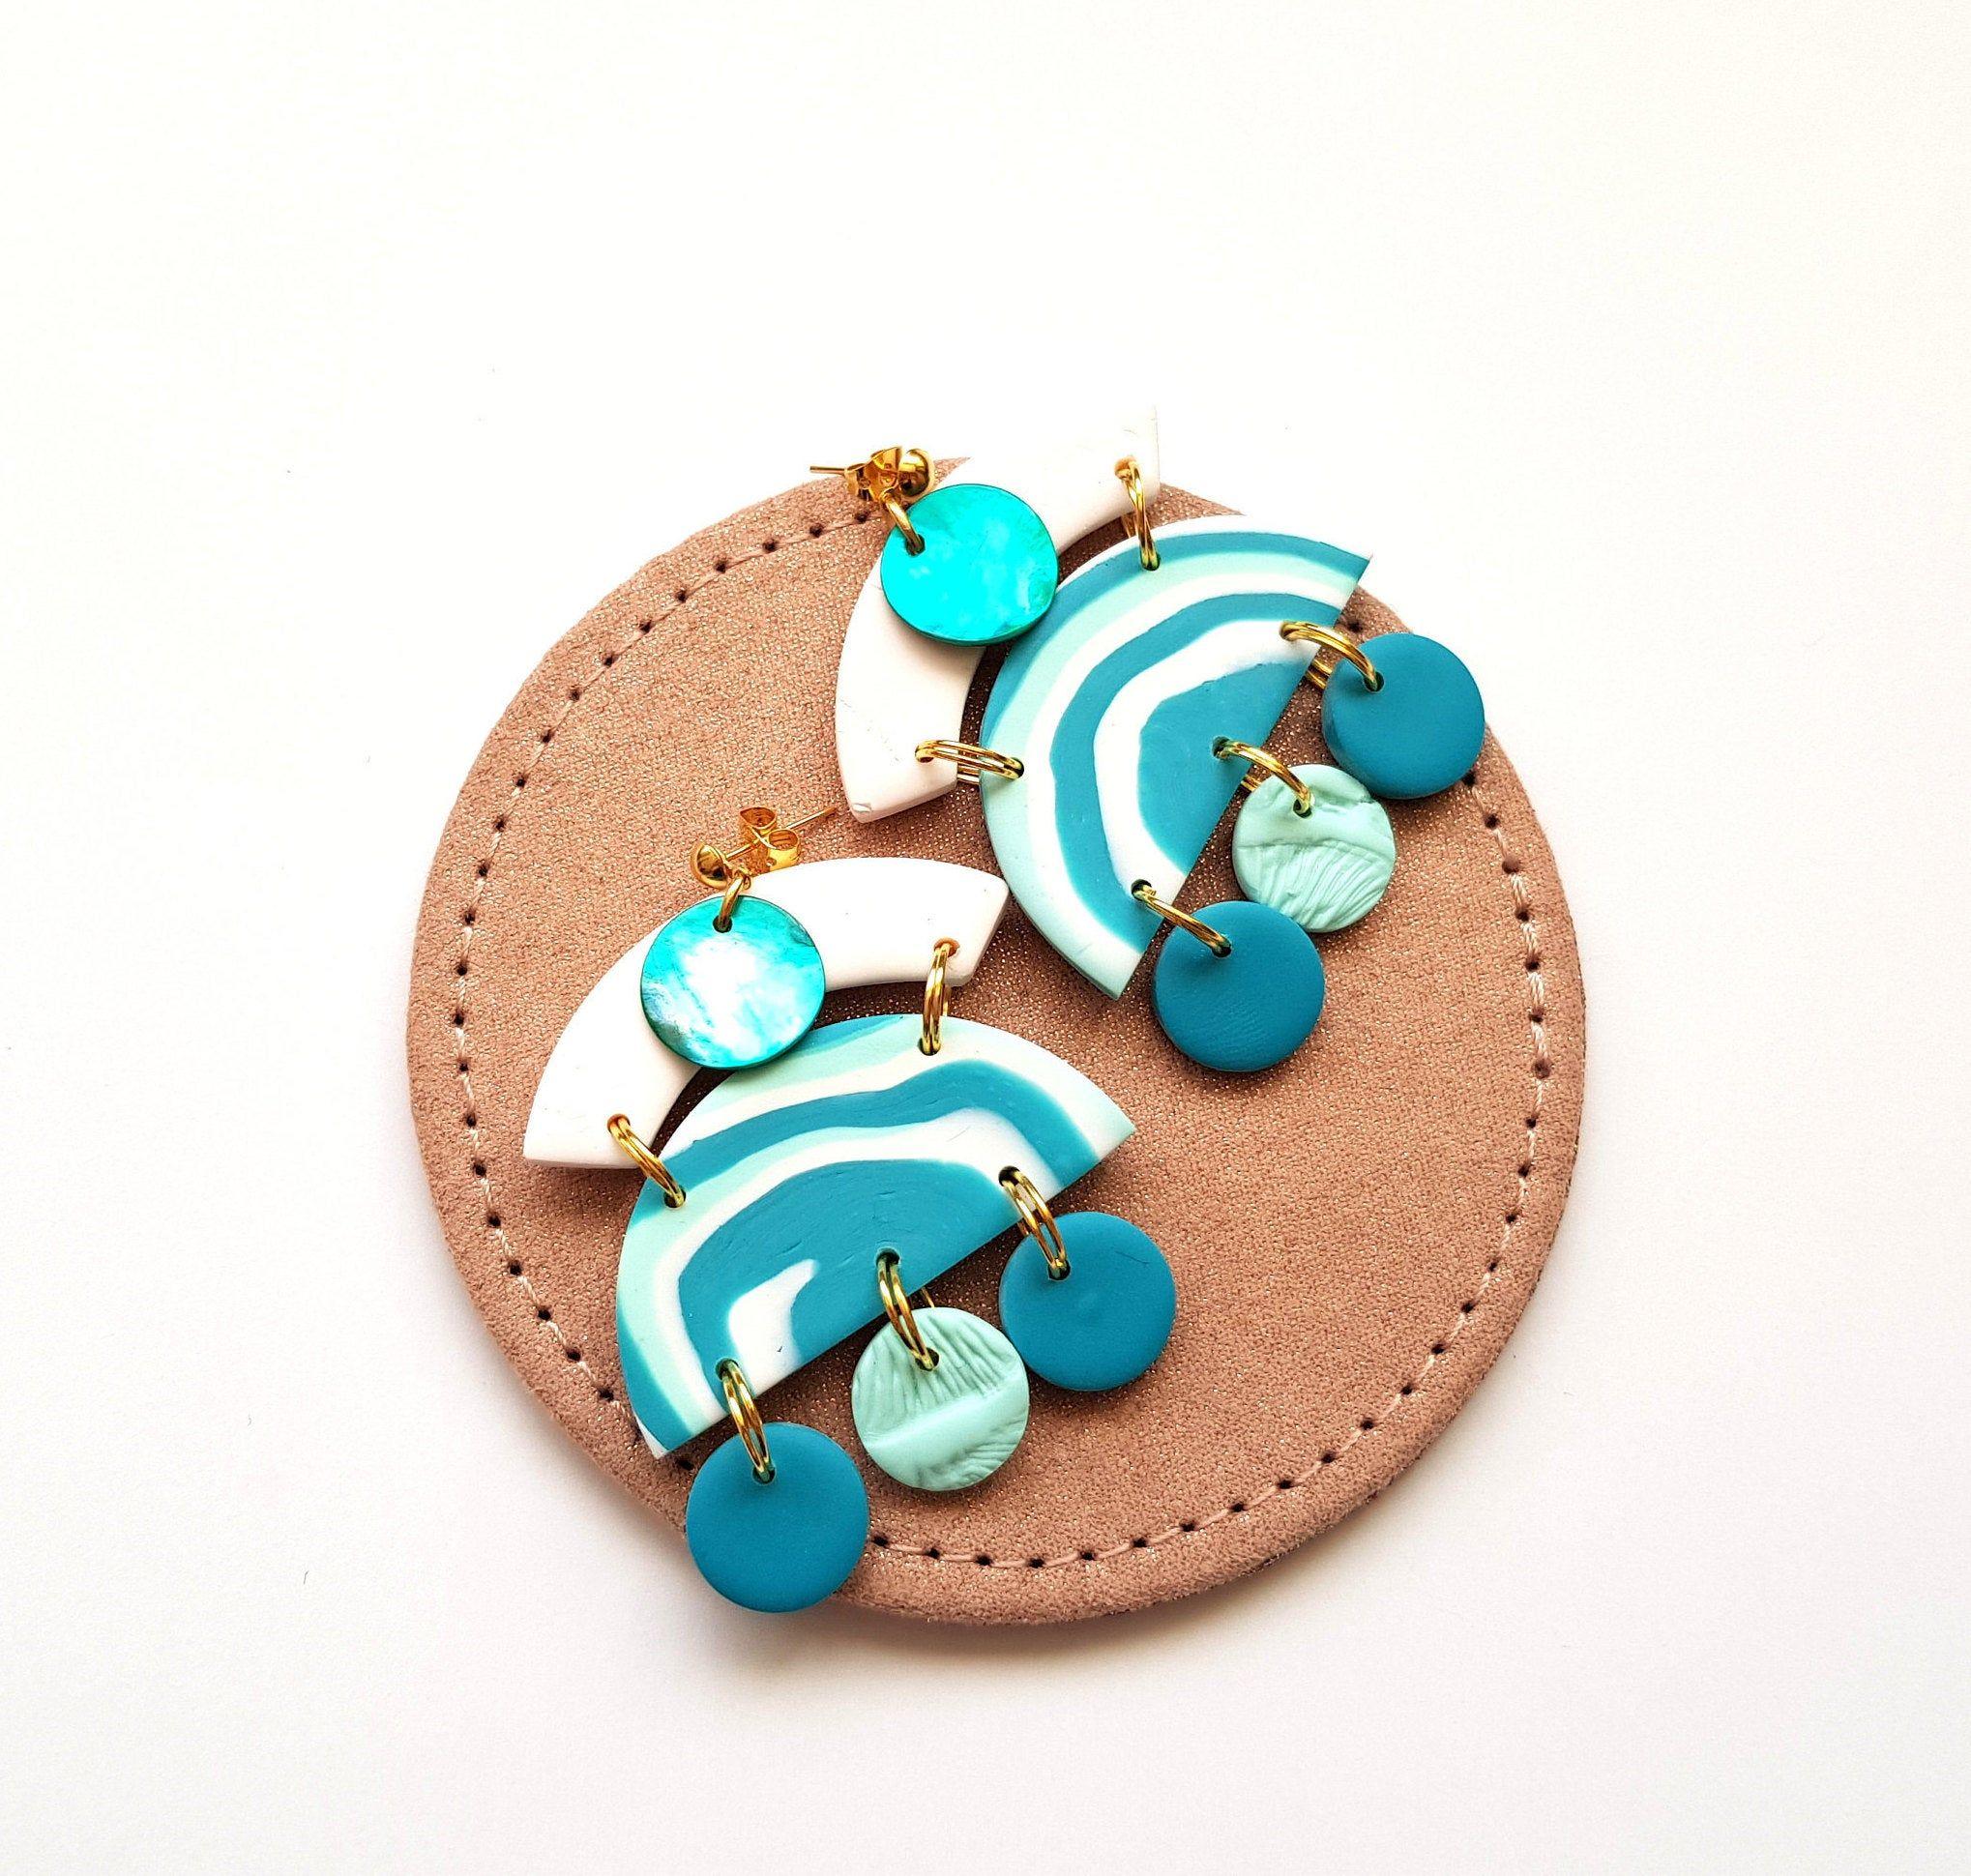 White Turquoise Earrings Polymer Clay Earrings Geometric Etsy In 2020 Polymer Clay Earrings Clay Earrings Statement Drop Earrings